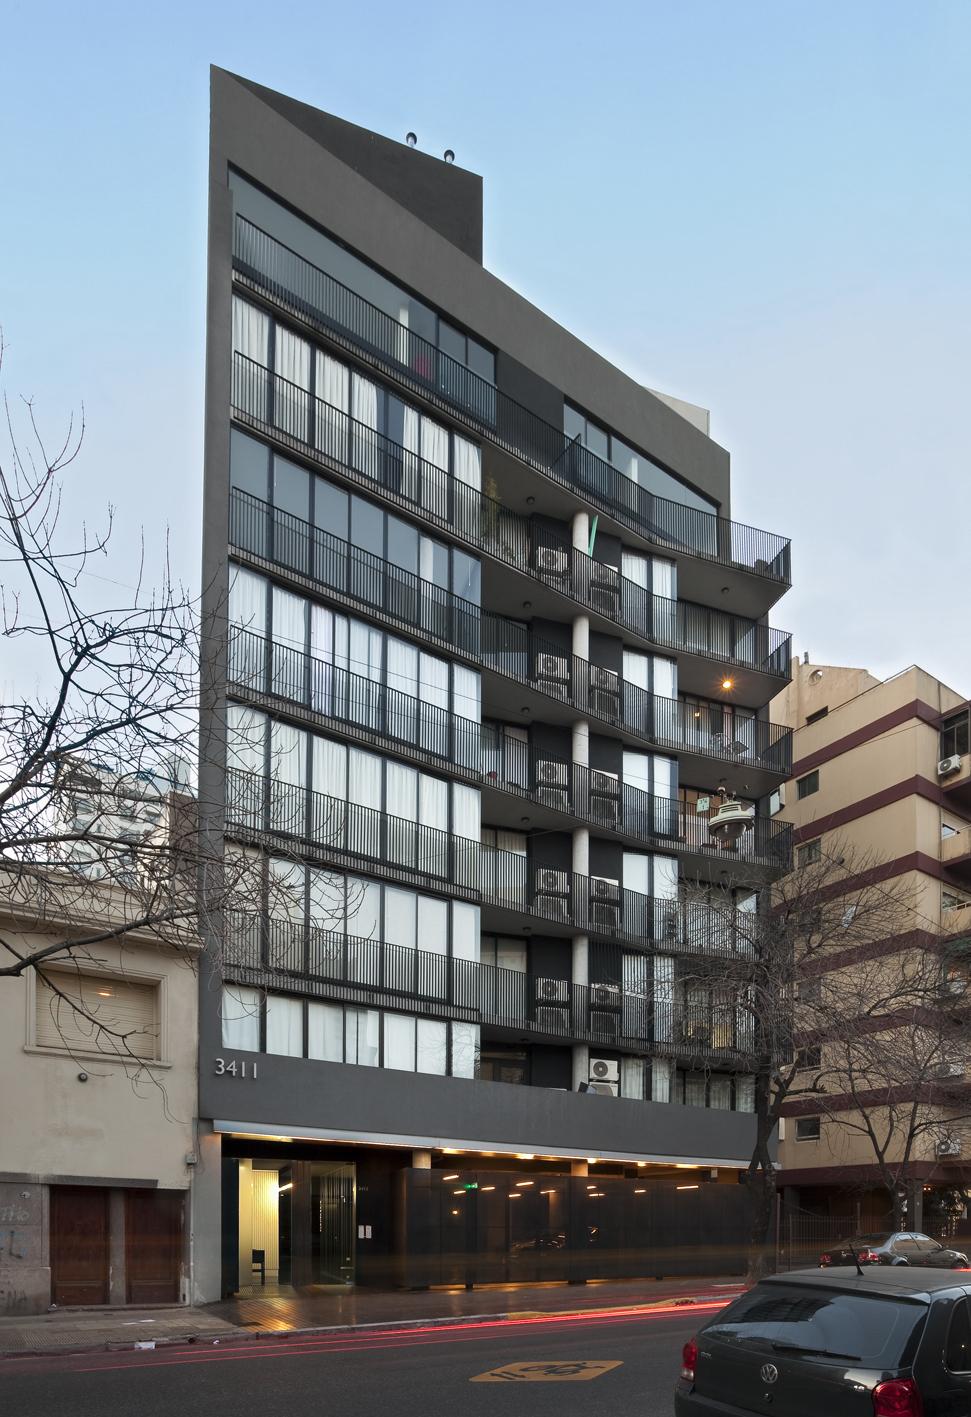 Edifício Cabrera / Hauser Ziblat, Cortesía Hauser Ziblat